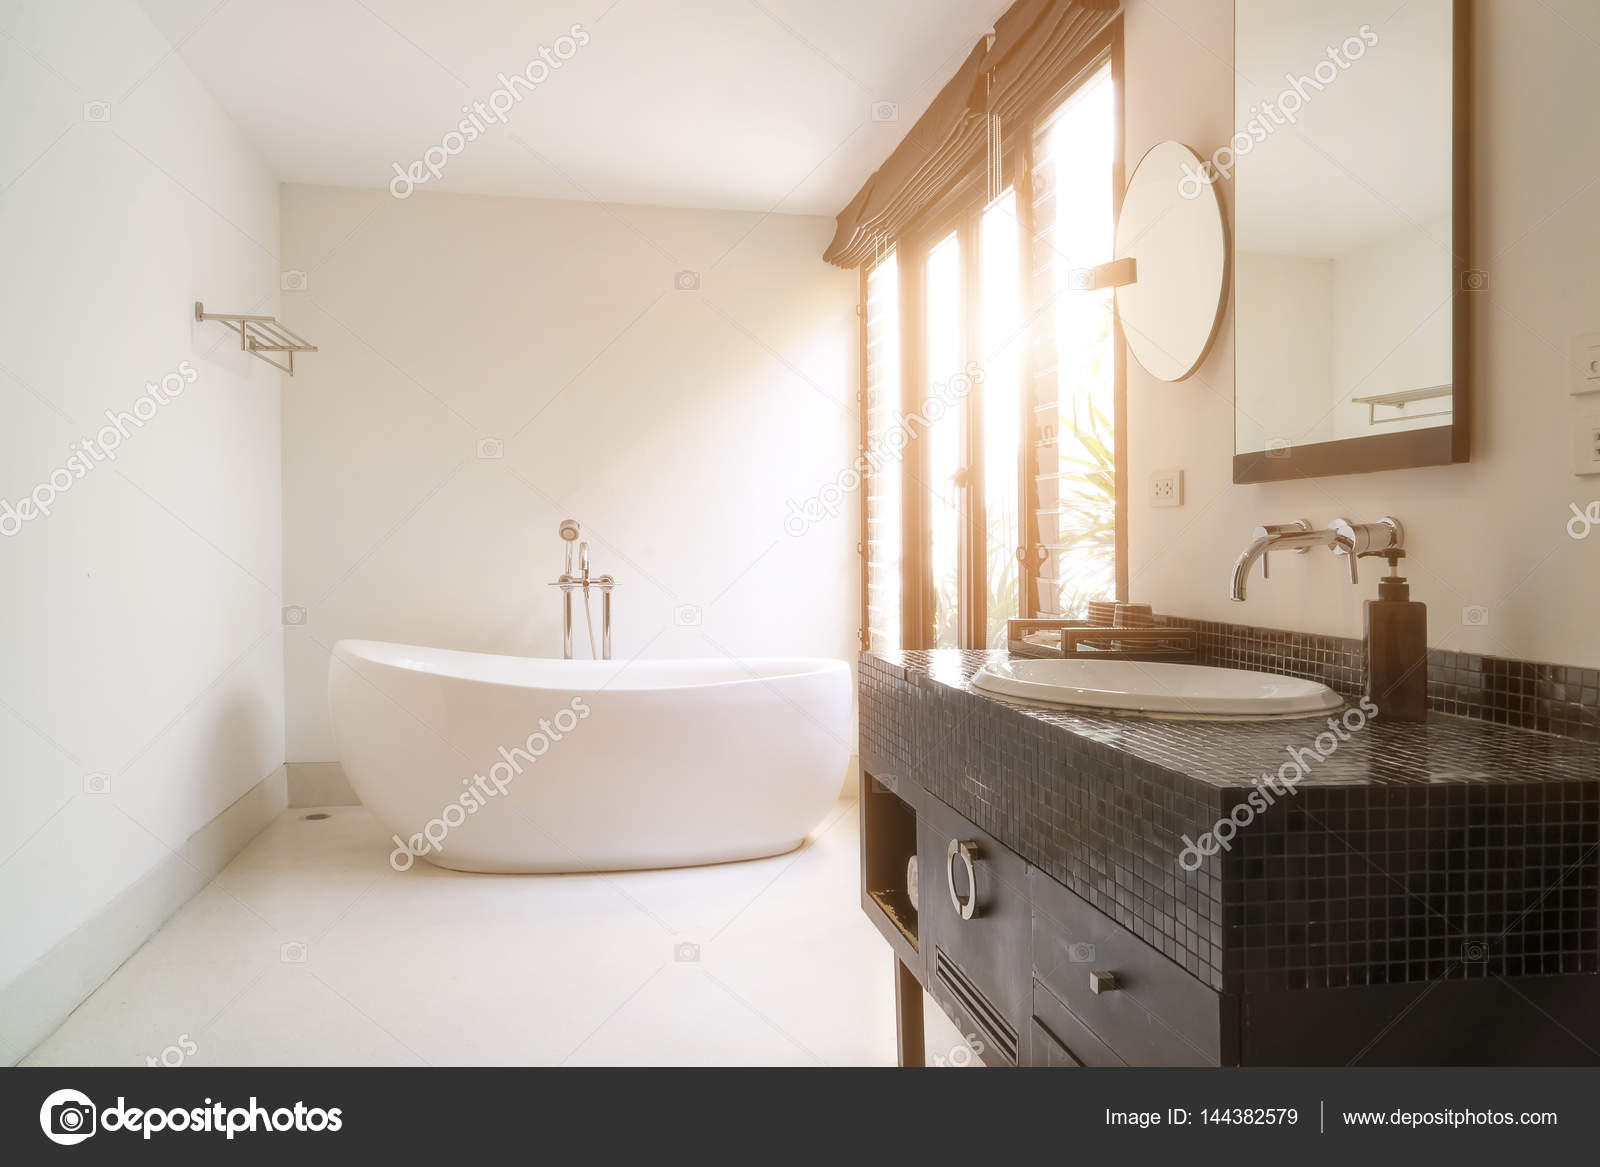 Vasche Da Bagno Moderne : Interno del bagno moderno con vasca da bagno ovale bianco u2014 foto